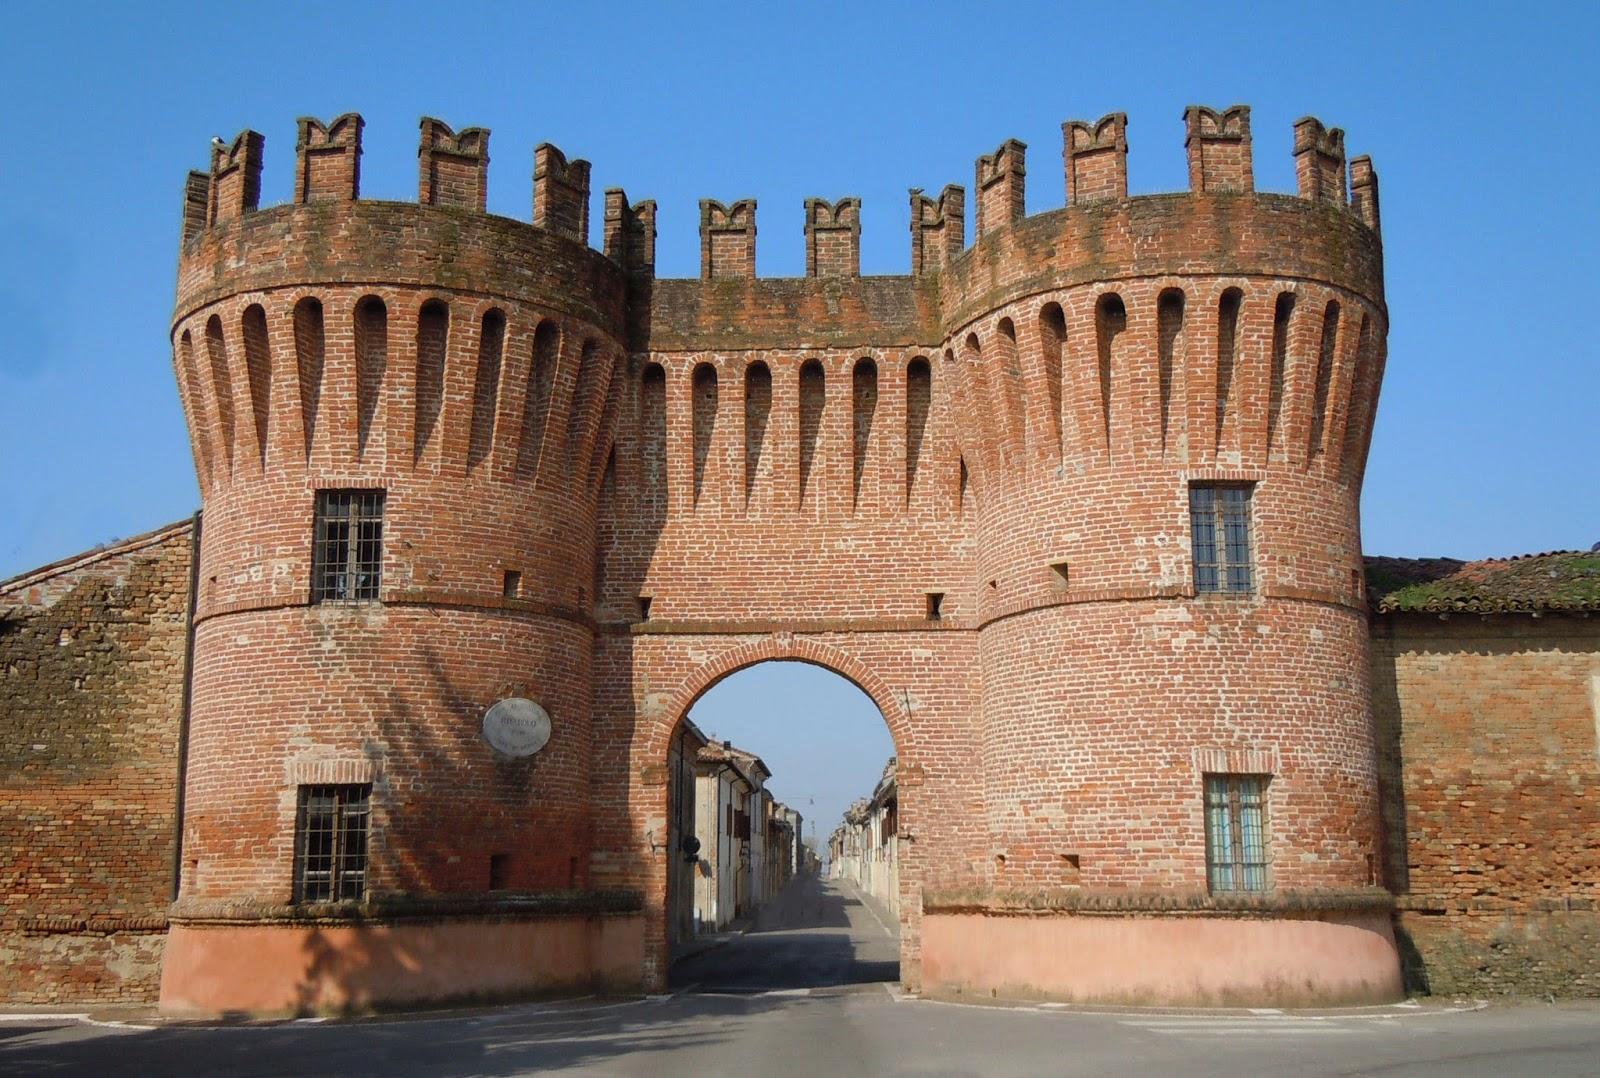 Il duca di sabbioneta il 2 agosto il duca di sabbioneta a - Porta mantovana ...